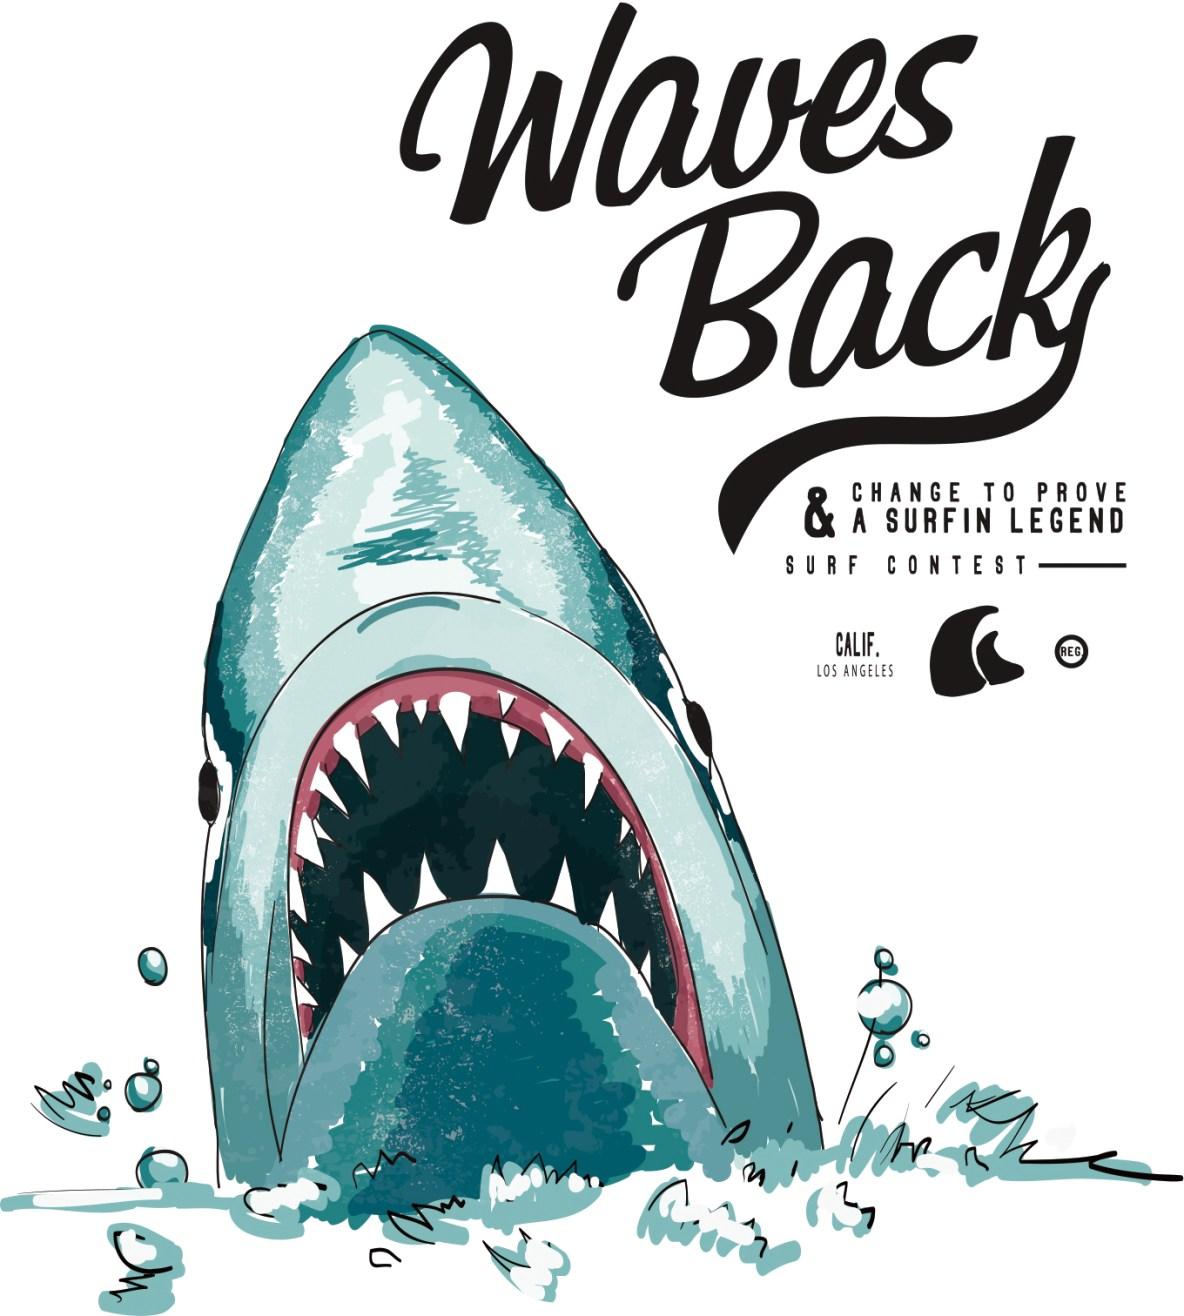 名古屋市東区のホームページ制作 パンフレット制作 ポスター制作会社のOaK 制作実績 Waves Back